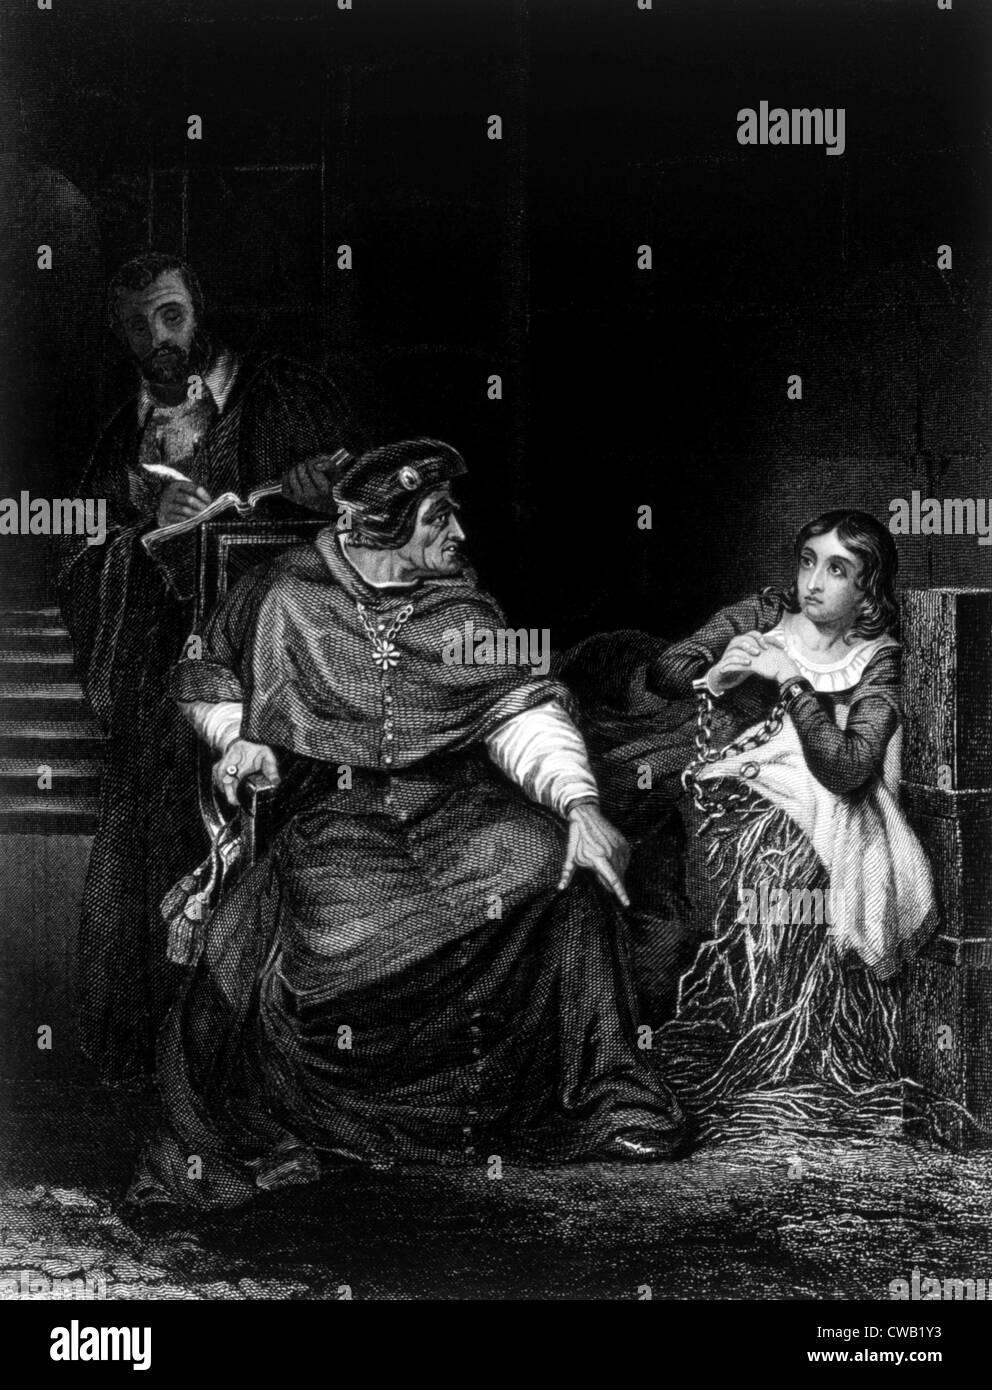 Joan of Arc im Gefängnis (1431), Stich nach Gemälde von Paul Delaroche, 1882 Stockbild